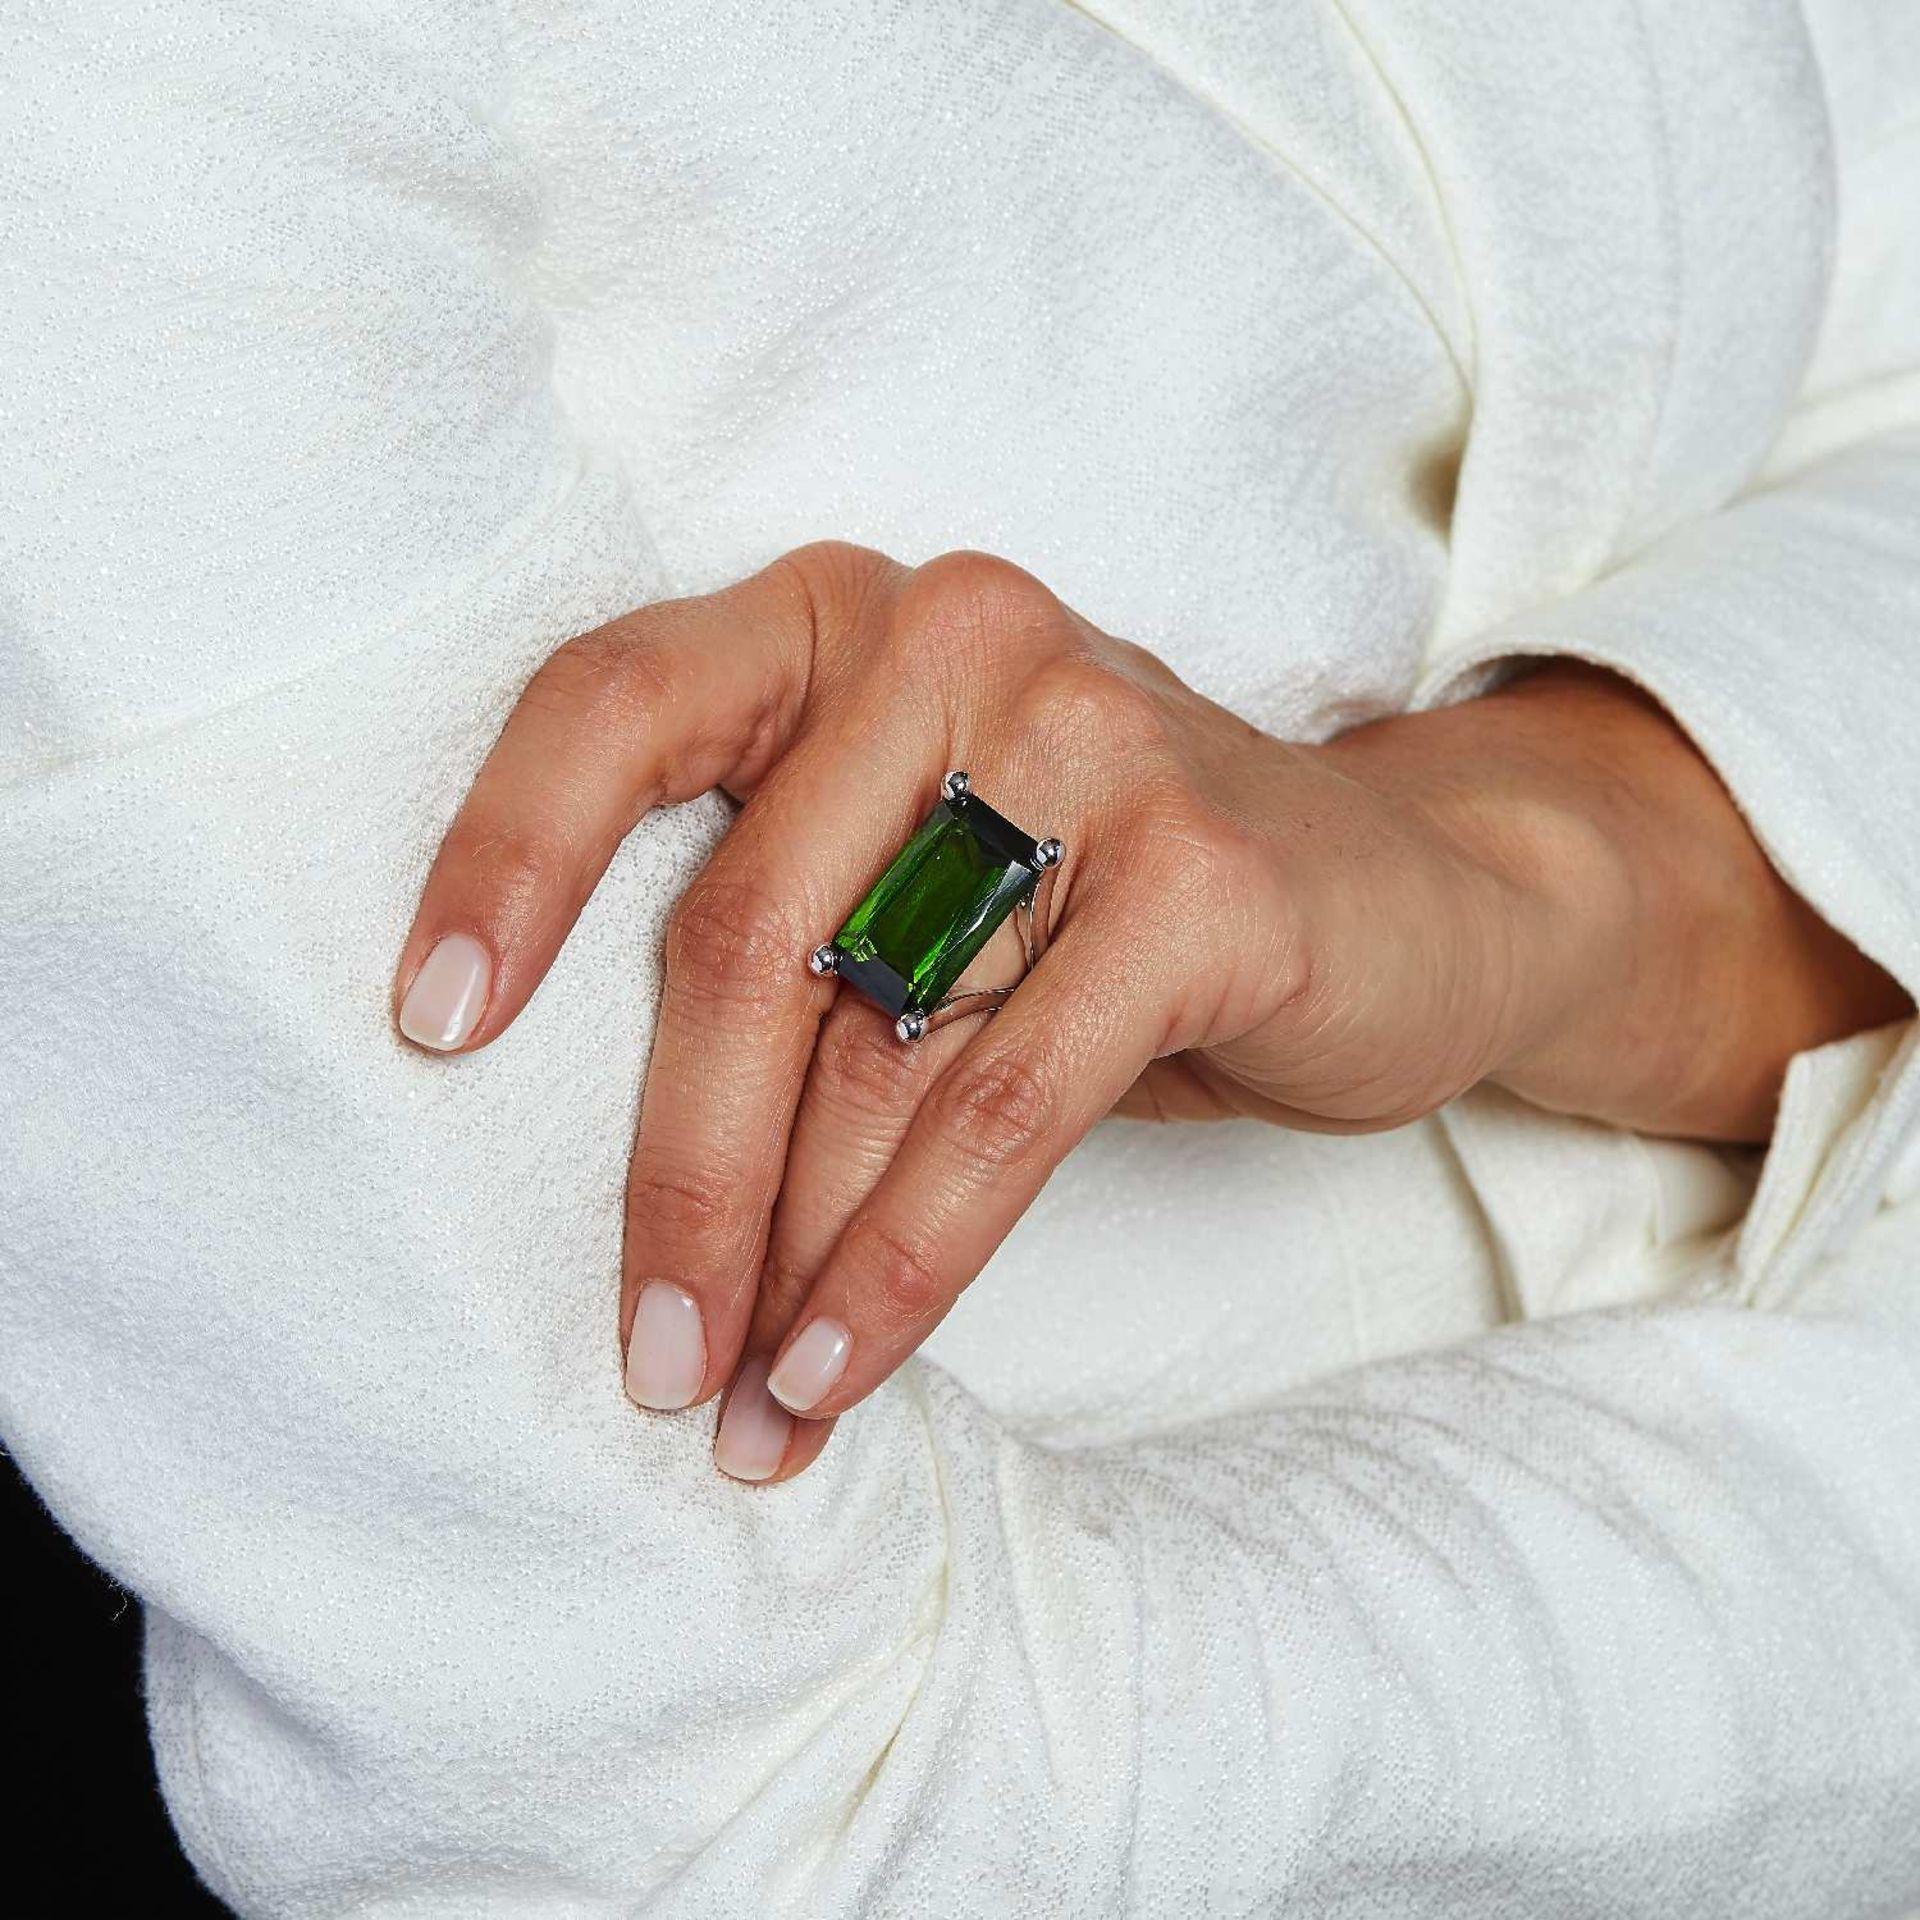 TRAVAIL FRANCAIS BAGUE TOURMALINE VERTE Elle est ornée d'une grande tourmaline verte rectangulaire à